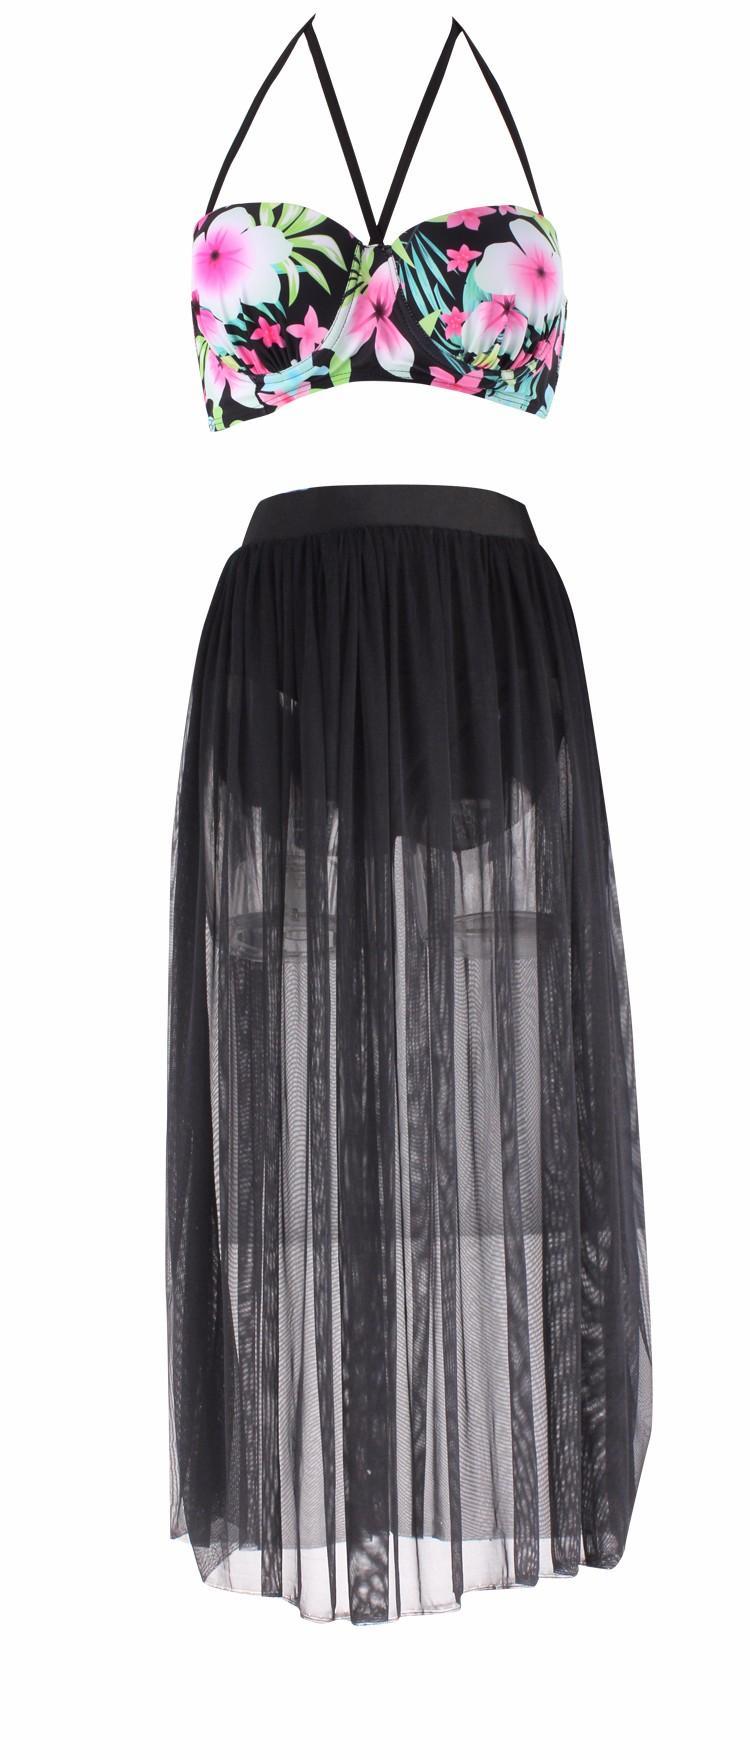 S-4XL высокой талией купальники 2016 новый набор сетки бикини плюс размер купальники для женщин мягкий купальник ретро длинная юбка купальный костюм